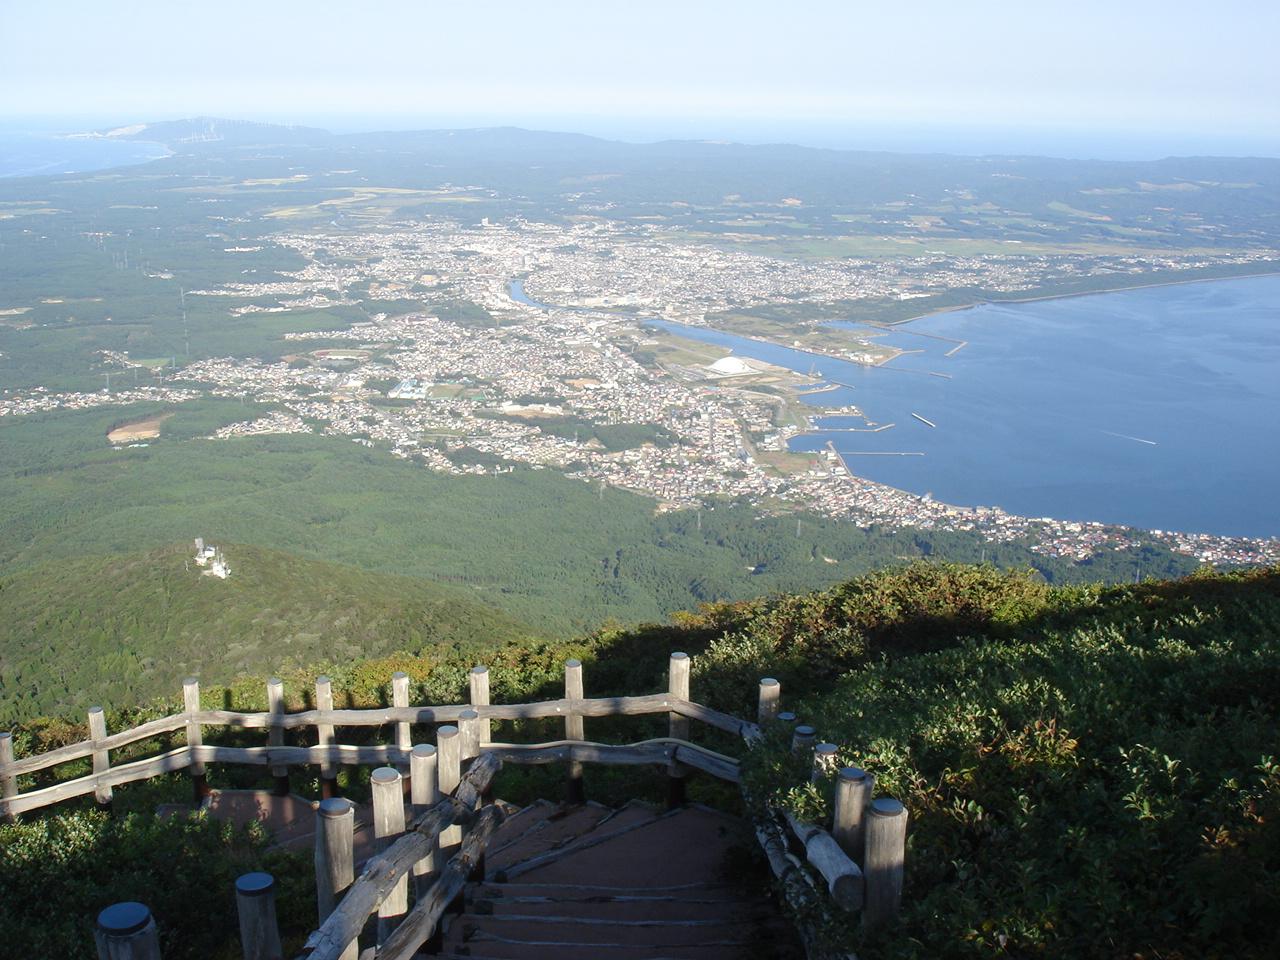 Vé máy bay từ Hồ Chí Minh đến Thành phố  Aomori